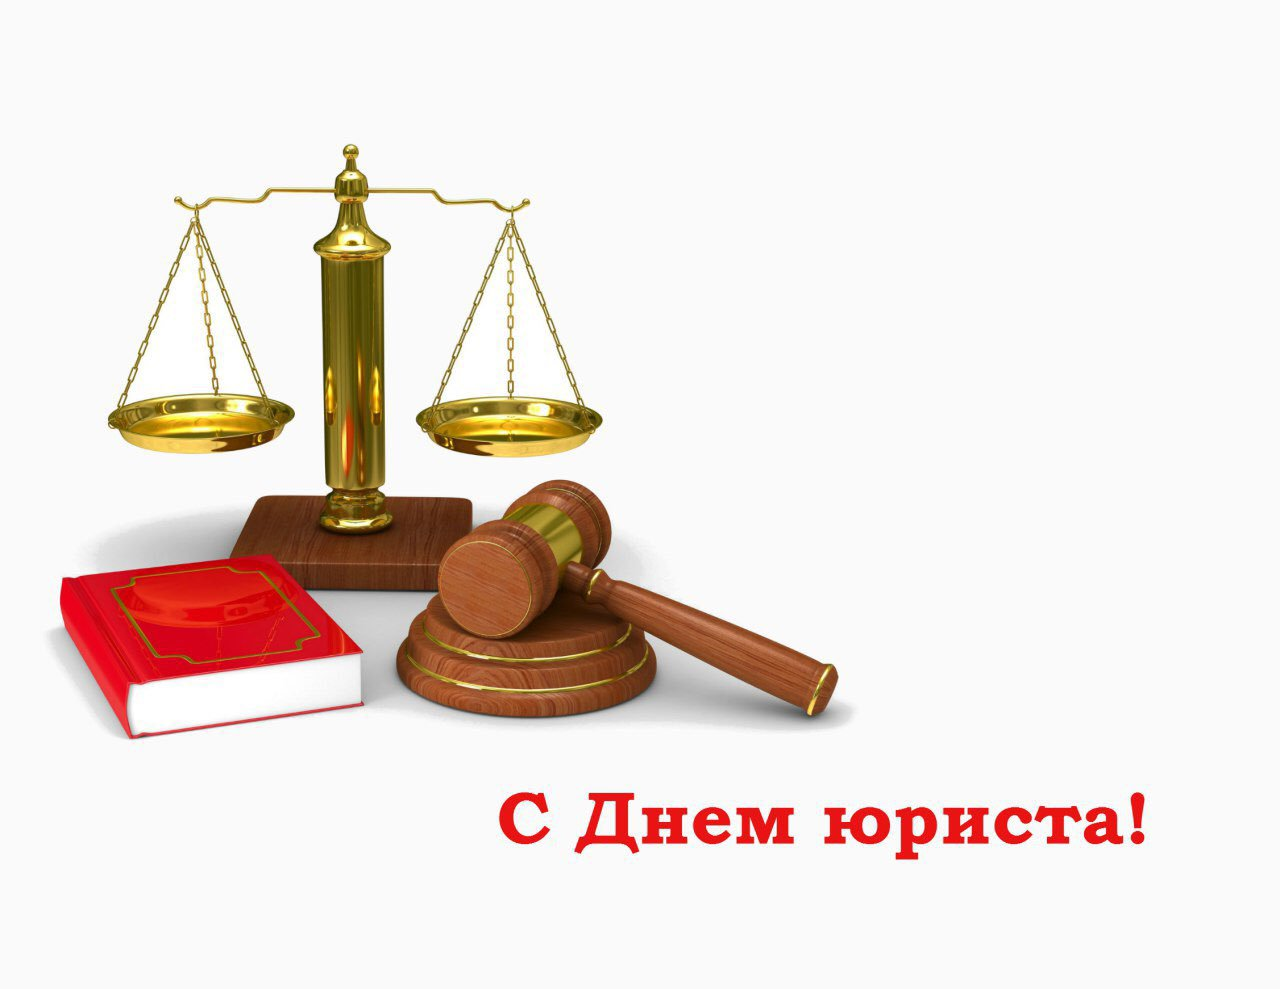 Открытки день юриста в россии